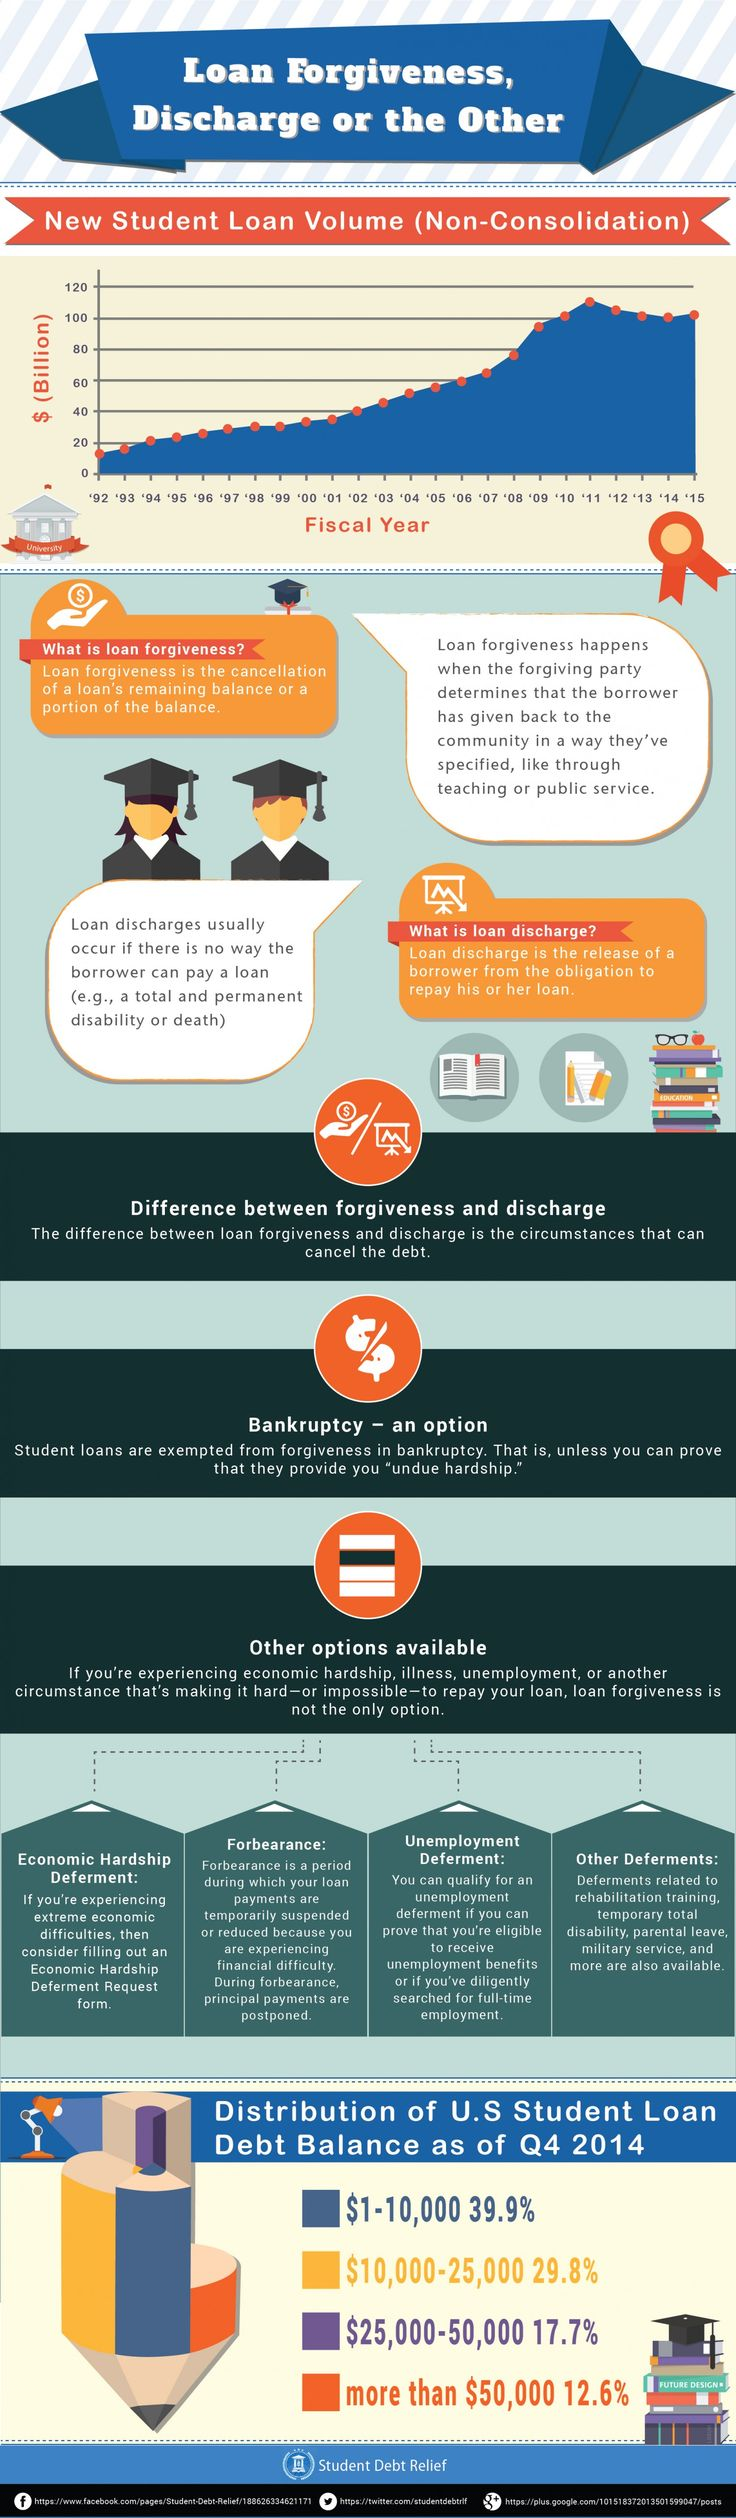 Best 25+ Student loan forgiveness ideas on Pinterest | Loan ...